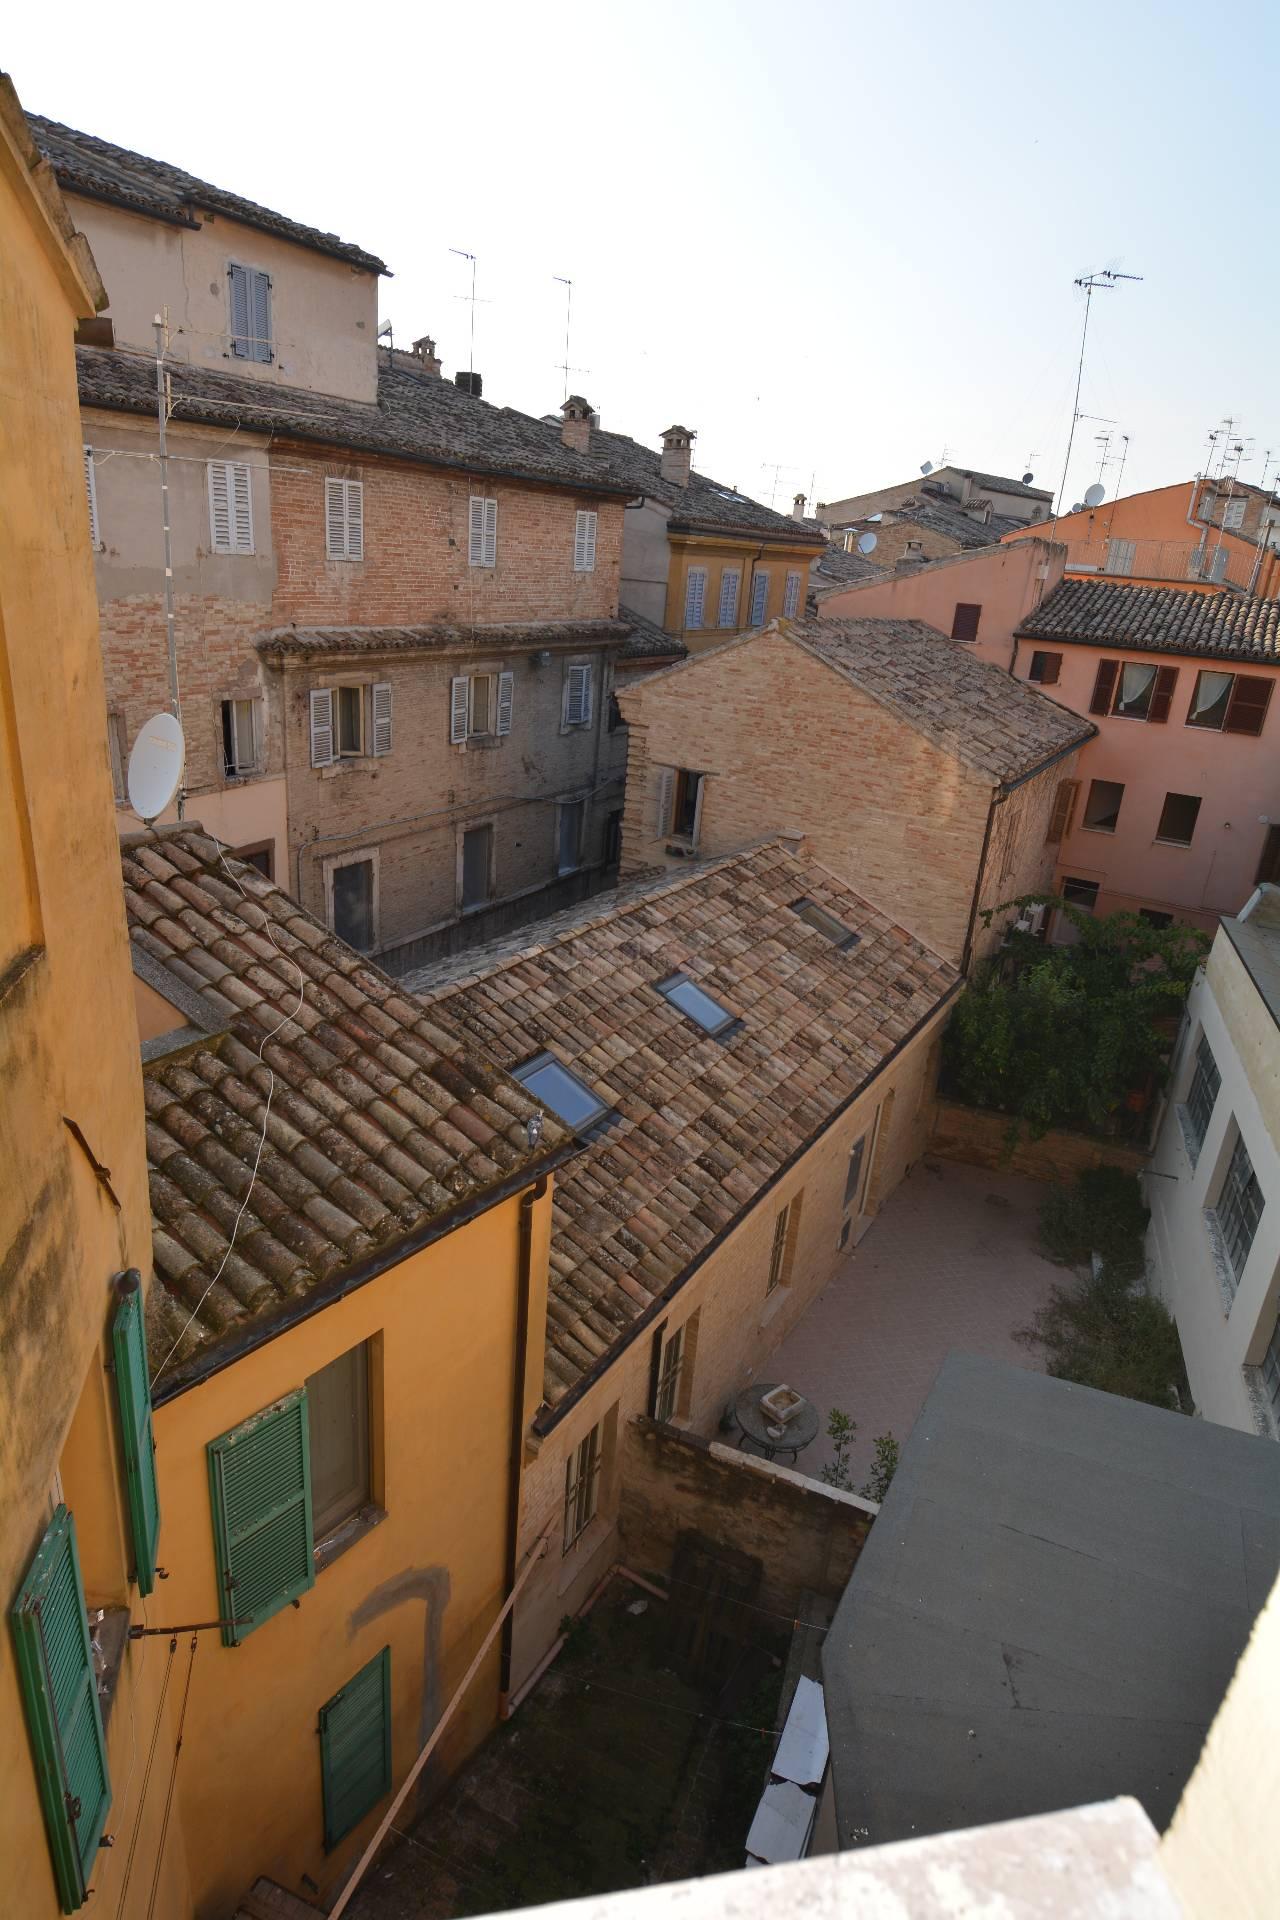 Appartamento in affitto a Macerata, 7 locali, zona Località: Centrostorico, prezzo € 720 | Cambio Casa.it